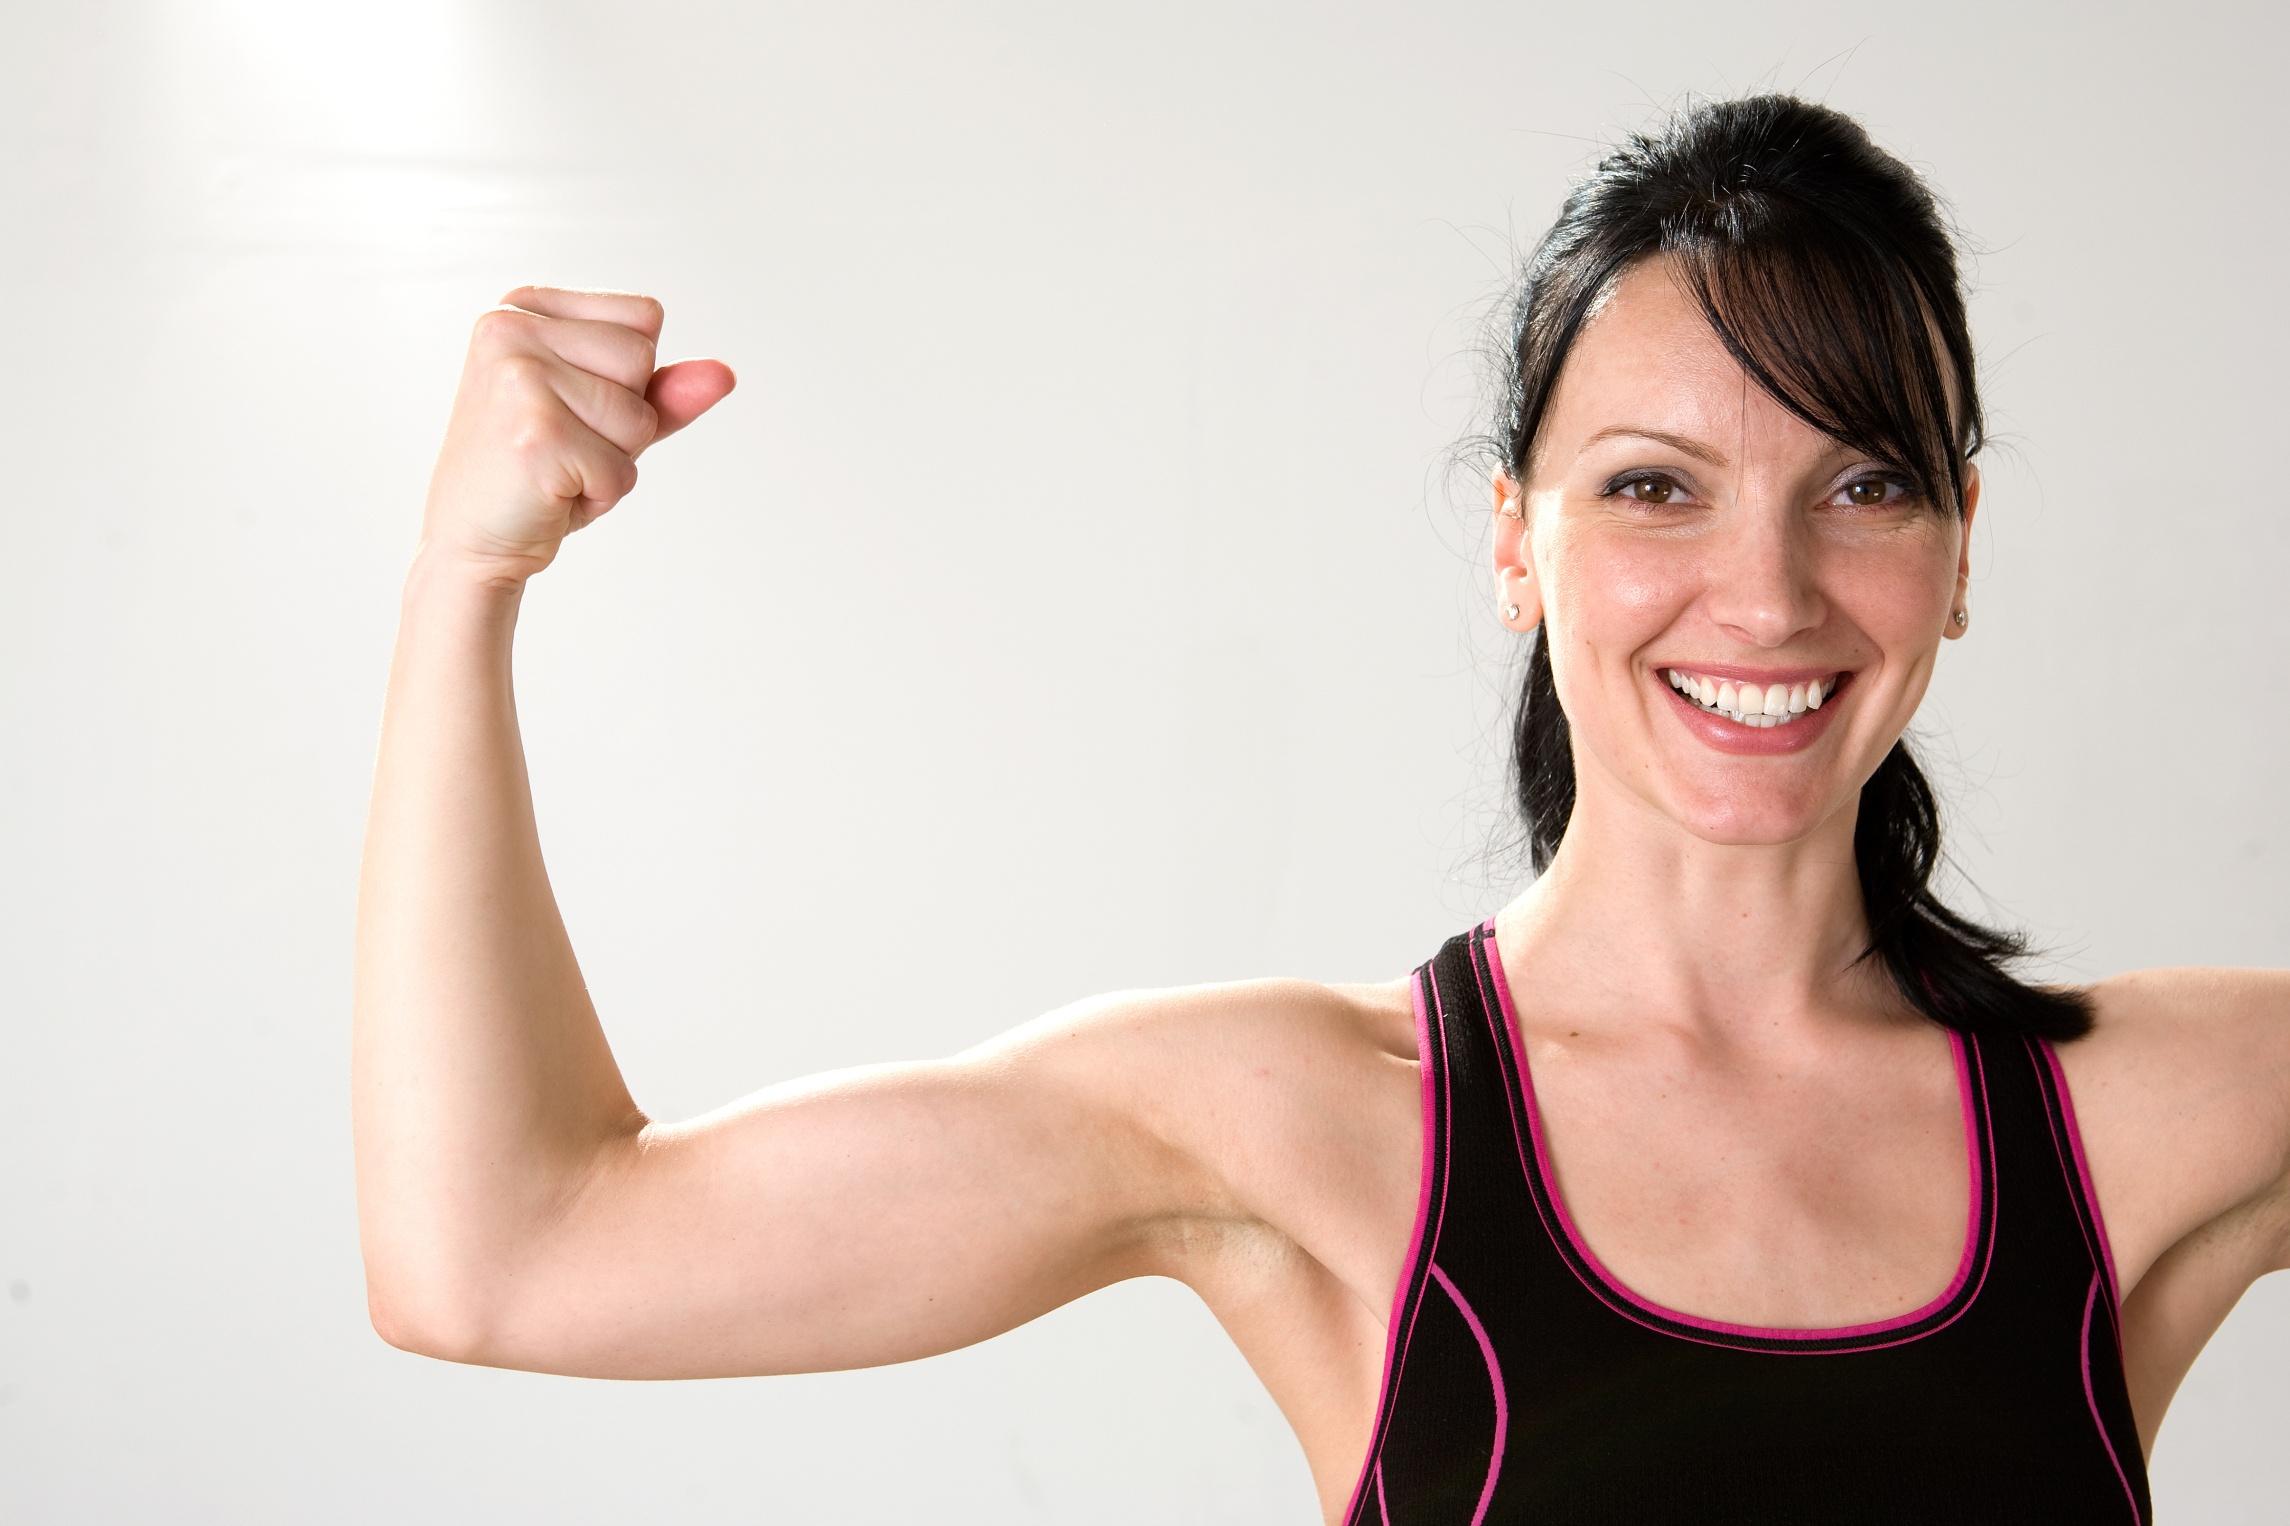 Ejercicios para brazos adecuados y efectivos